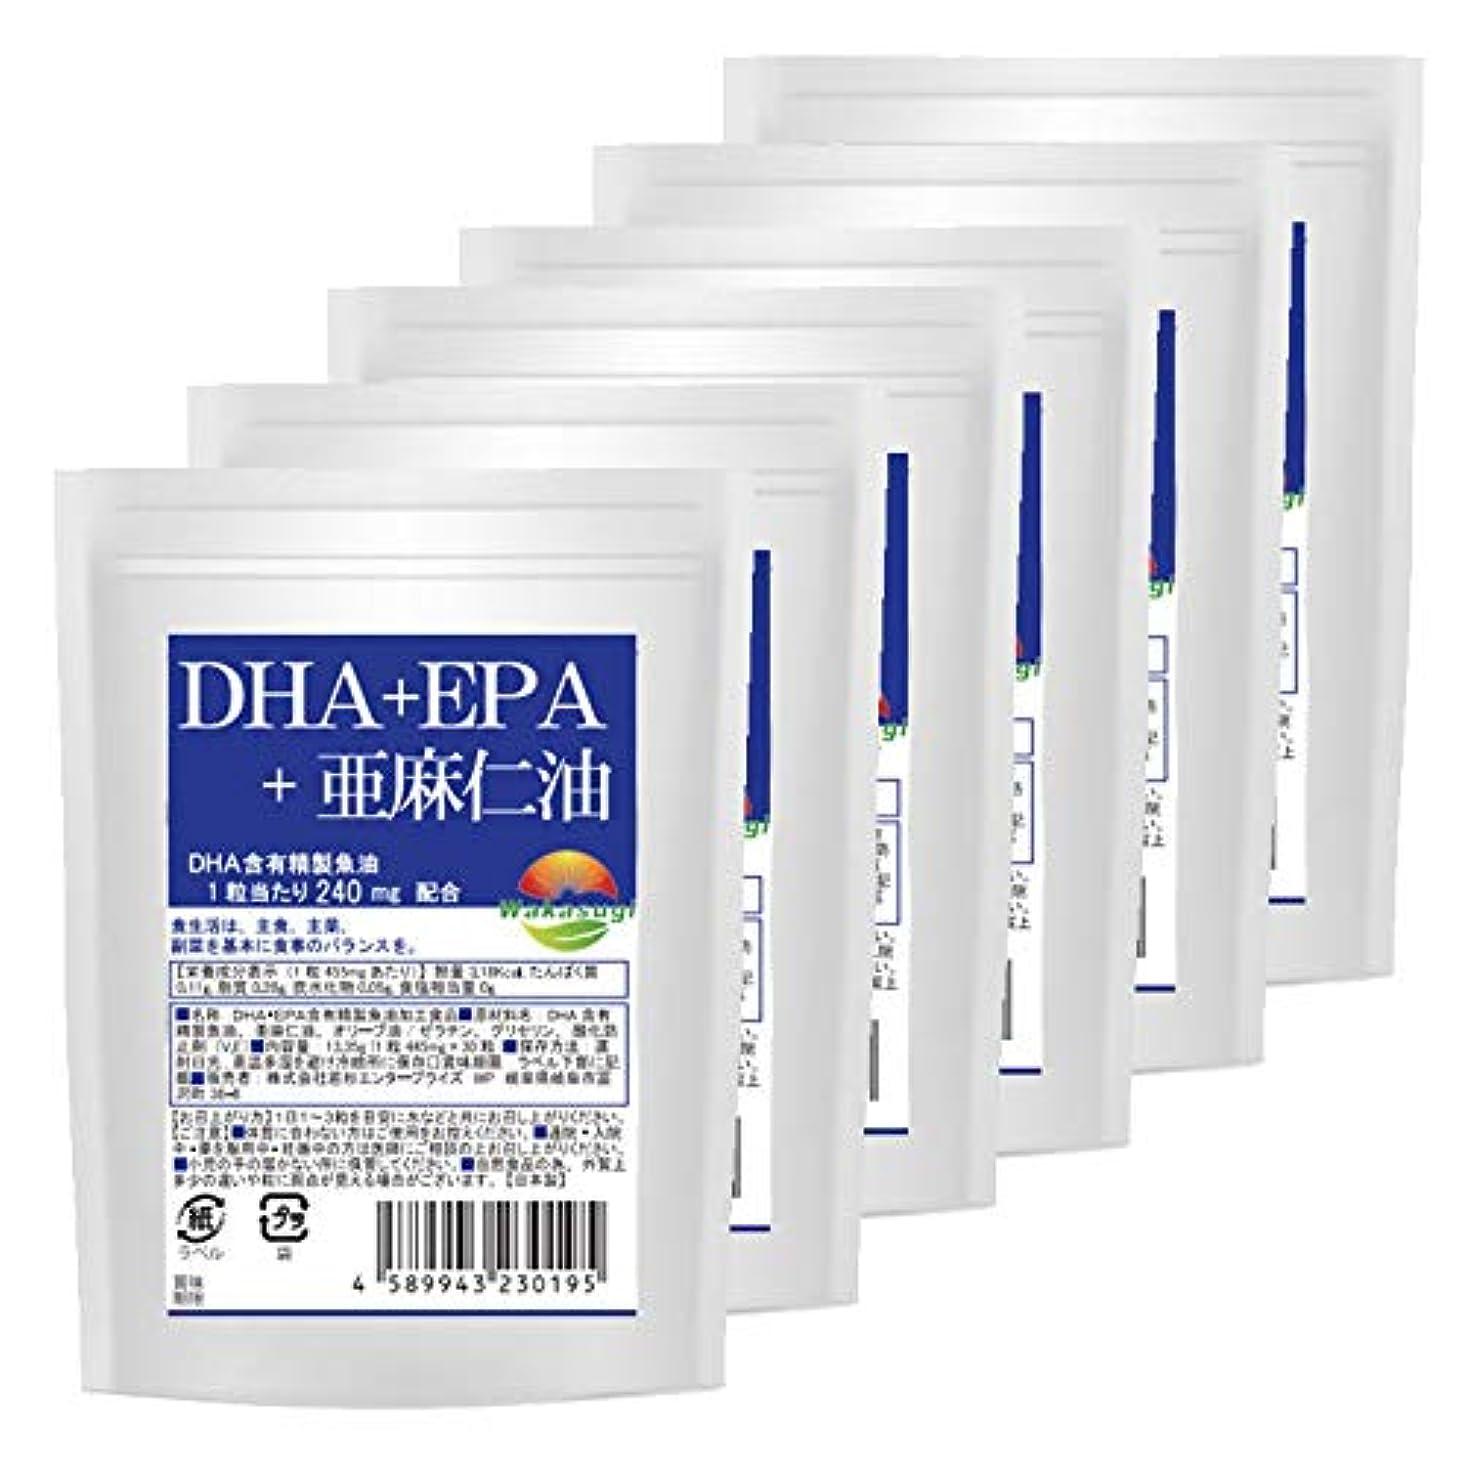 事業内容ギャロップせがむDHA+EPA+亜麻仁油 ソフトカプセル 30粒 6袋 セット 計180粒 最大6か月分